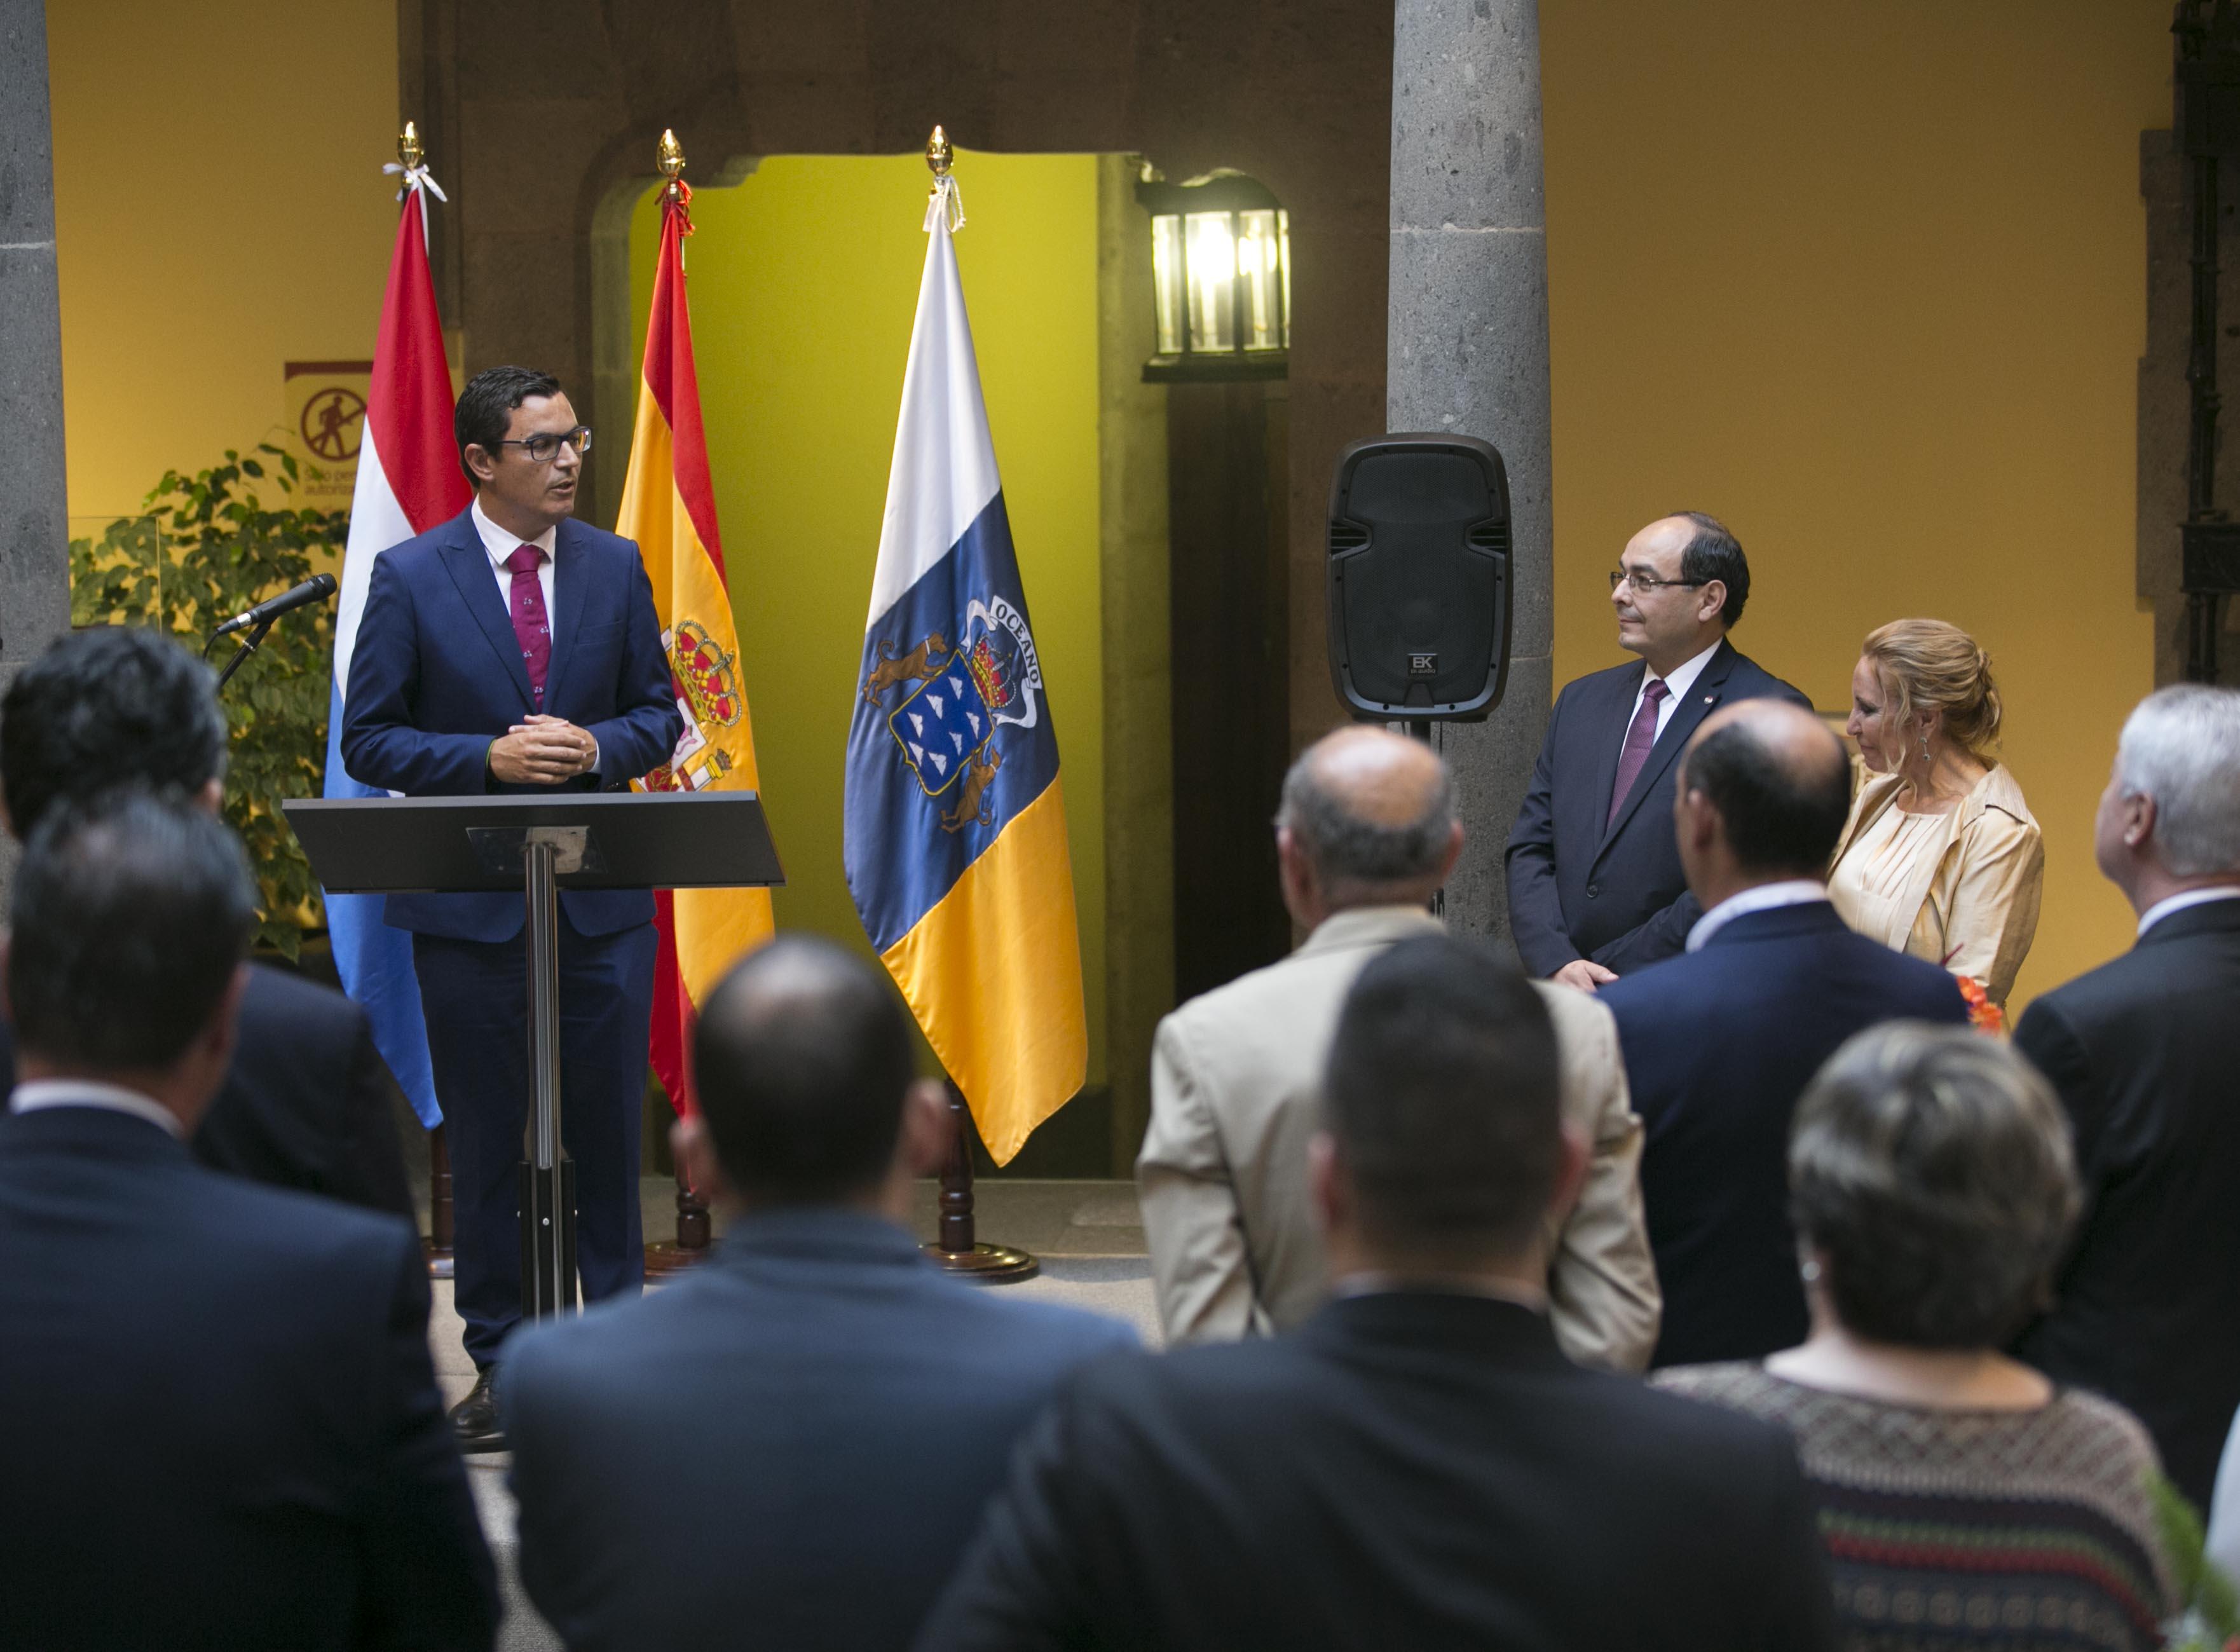 Rodríguez asistió al nombramiento de la cónsul honoraria de Paraguay en Canarias